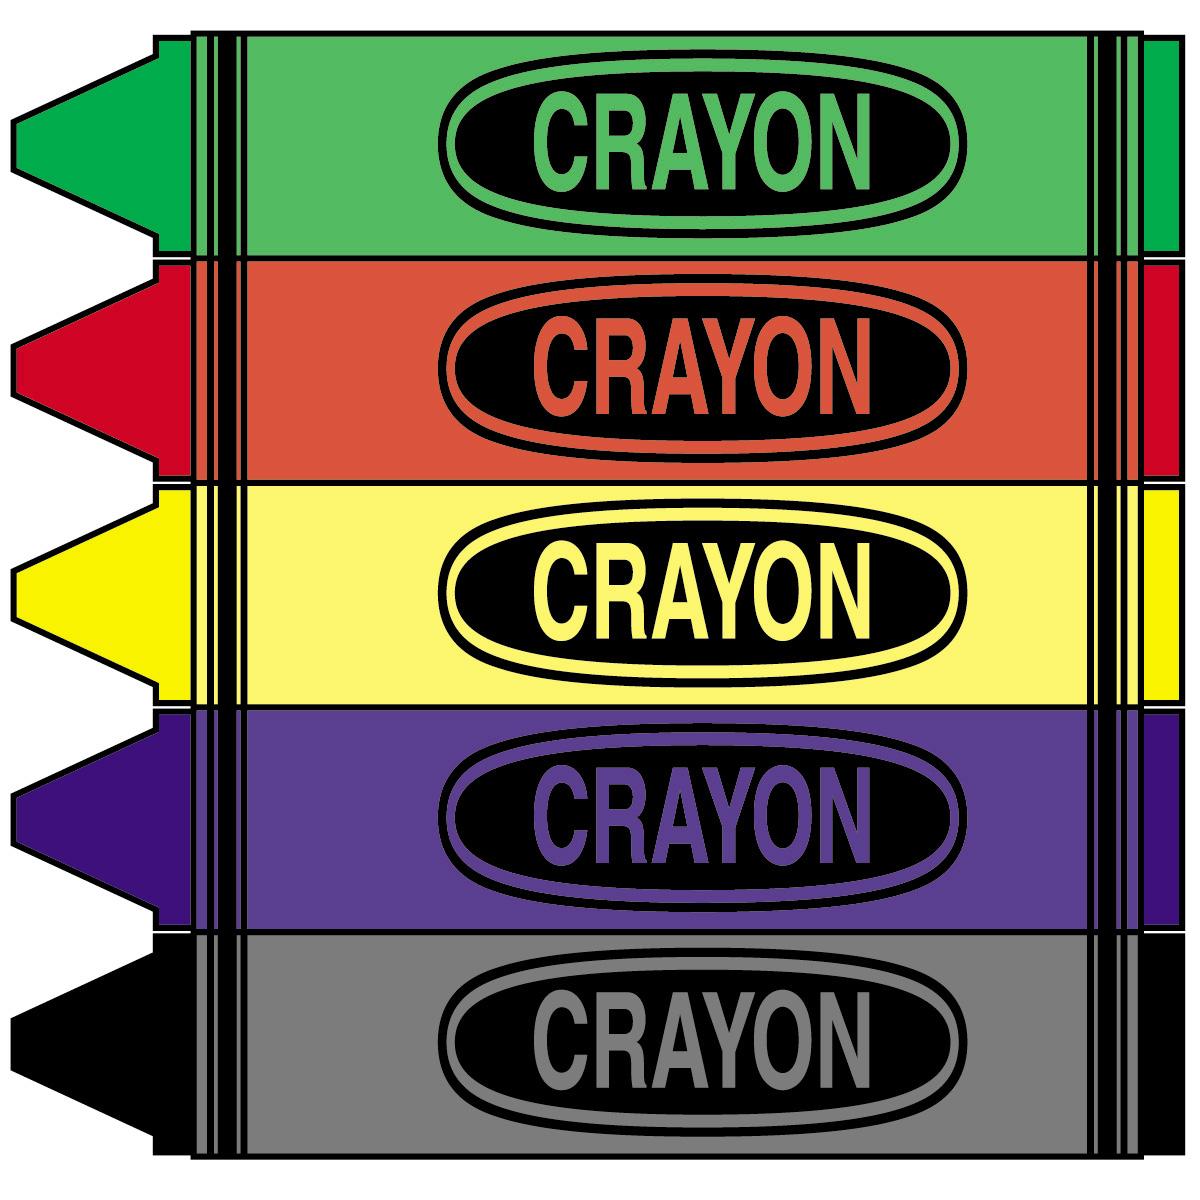 1200x1200 Green Crayon Clipart 2